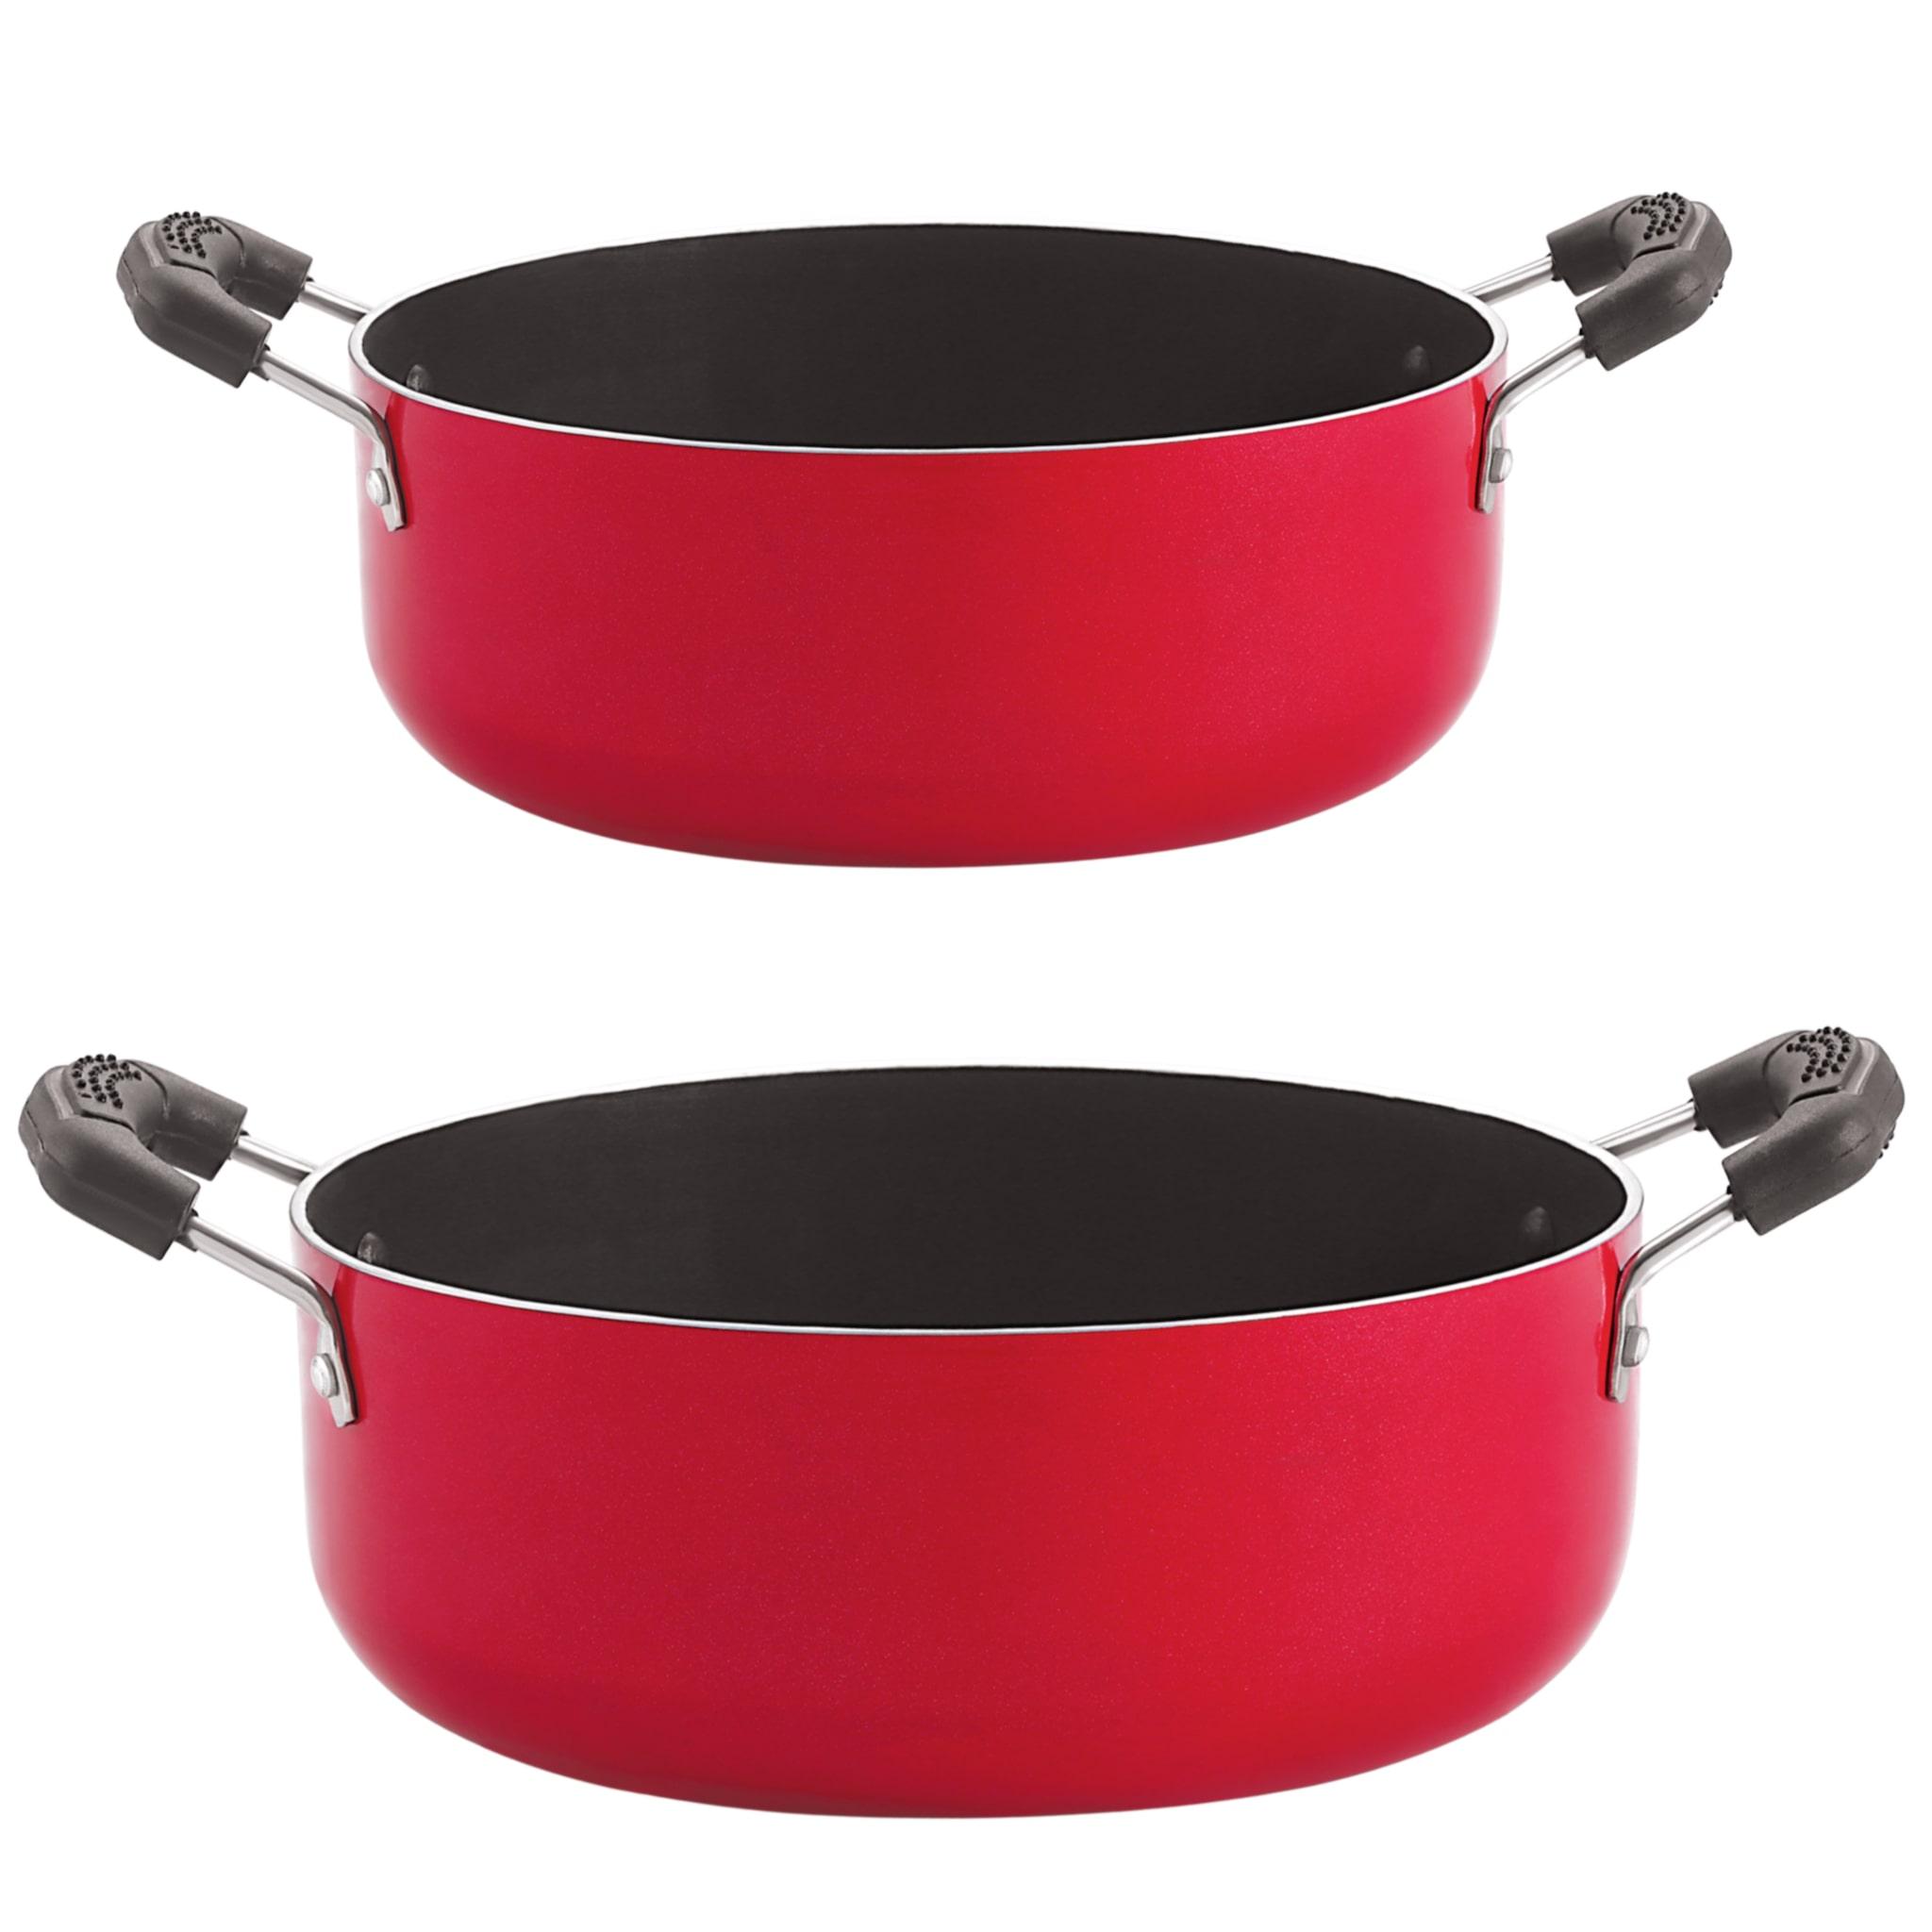 Nirlon Non Stick Gas Compatible Casserole 2 Piece Cookware Set